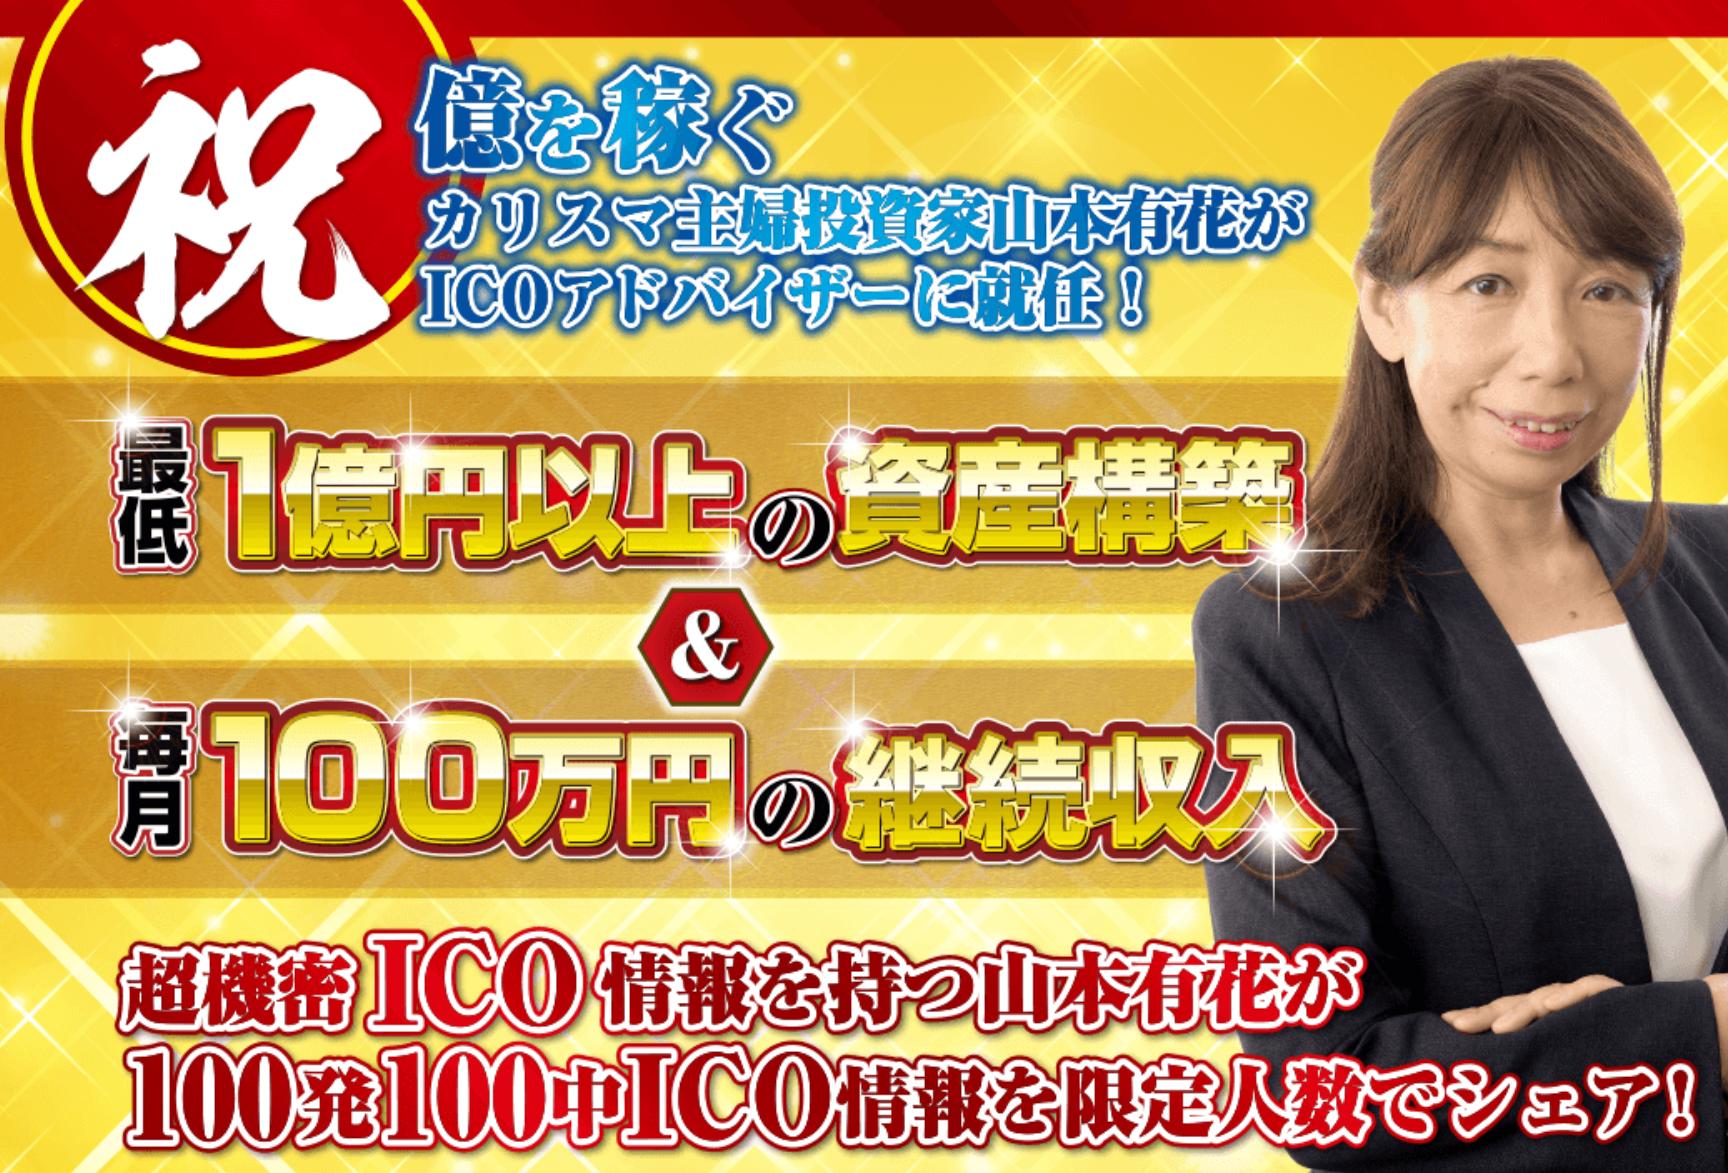 山本有花 ICO STOCK Labo 「ICO×株」1